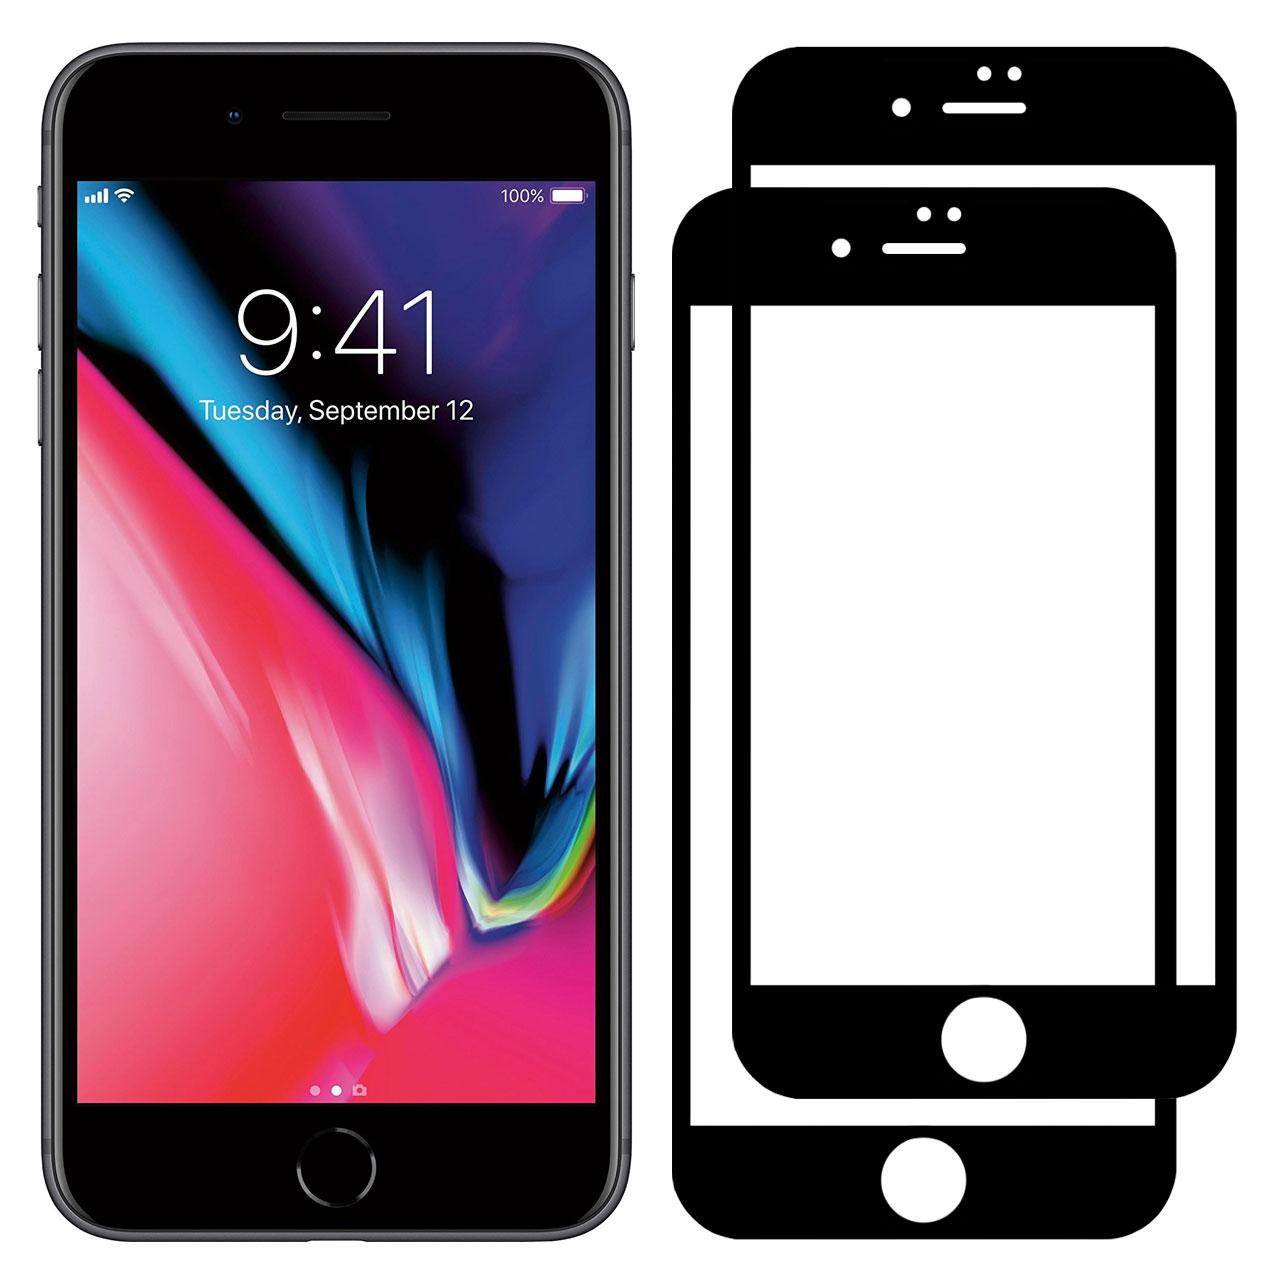 محافظ صفحه نمایش مدل FCG مناسب برای گوشی موبایل اپل iPhone 7 Plus بسته دو عددی